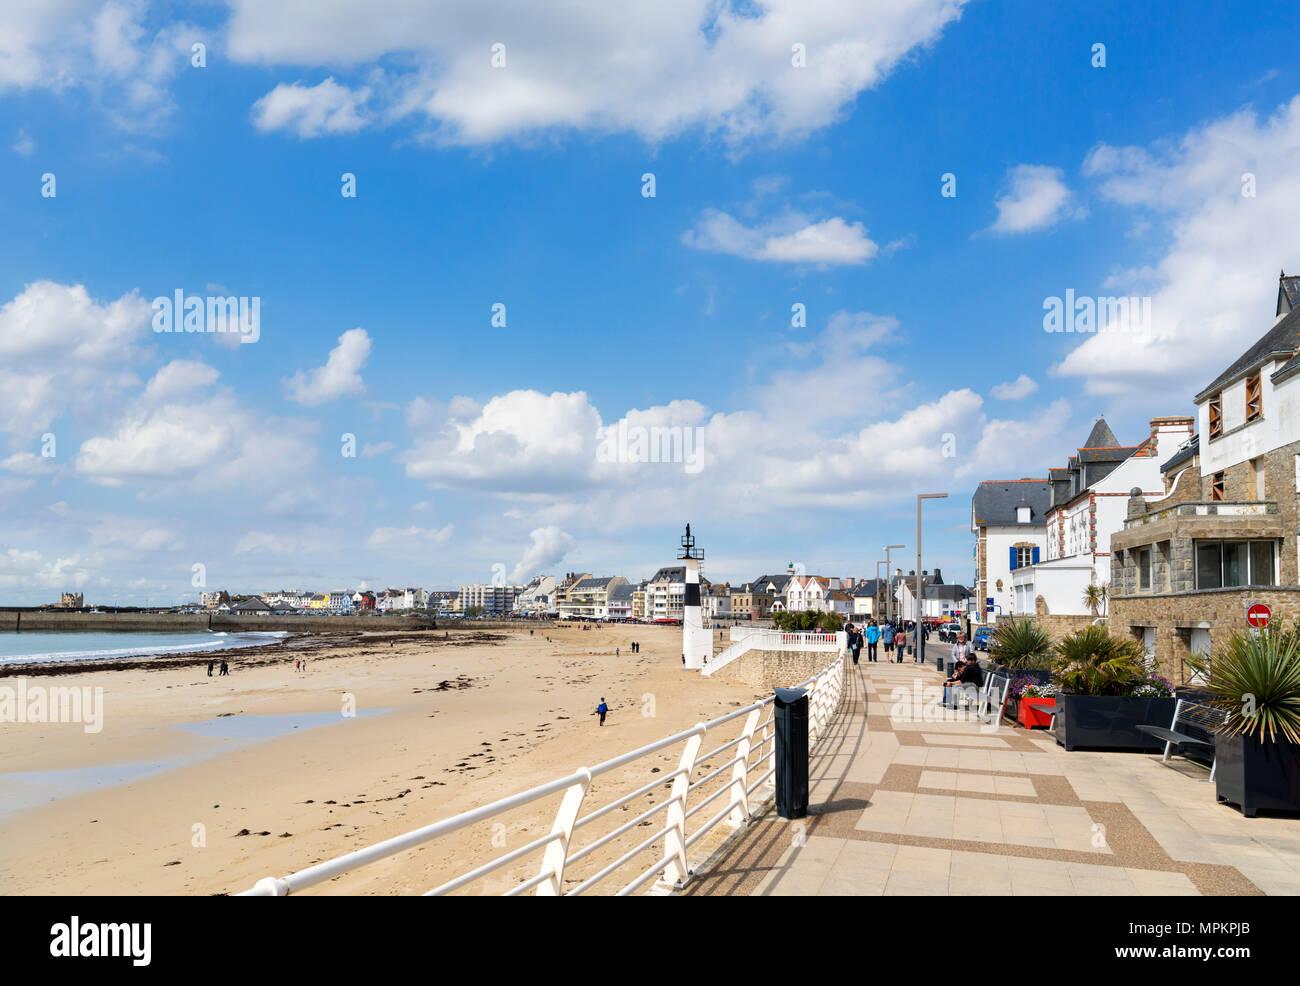 La plage et la promenade de front de mer à Quiberon, Bretagne, France Photo Stock